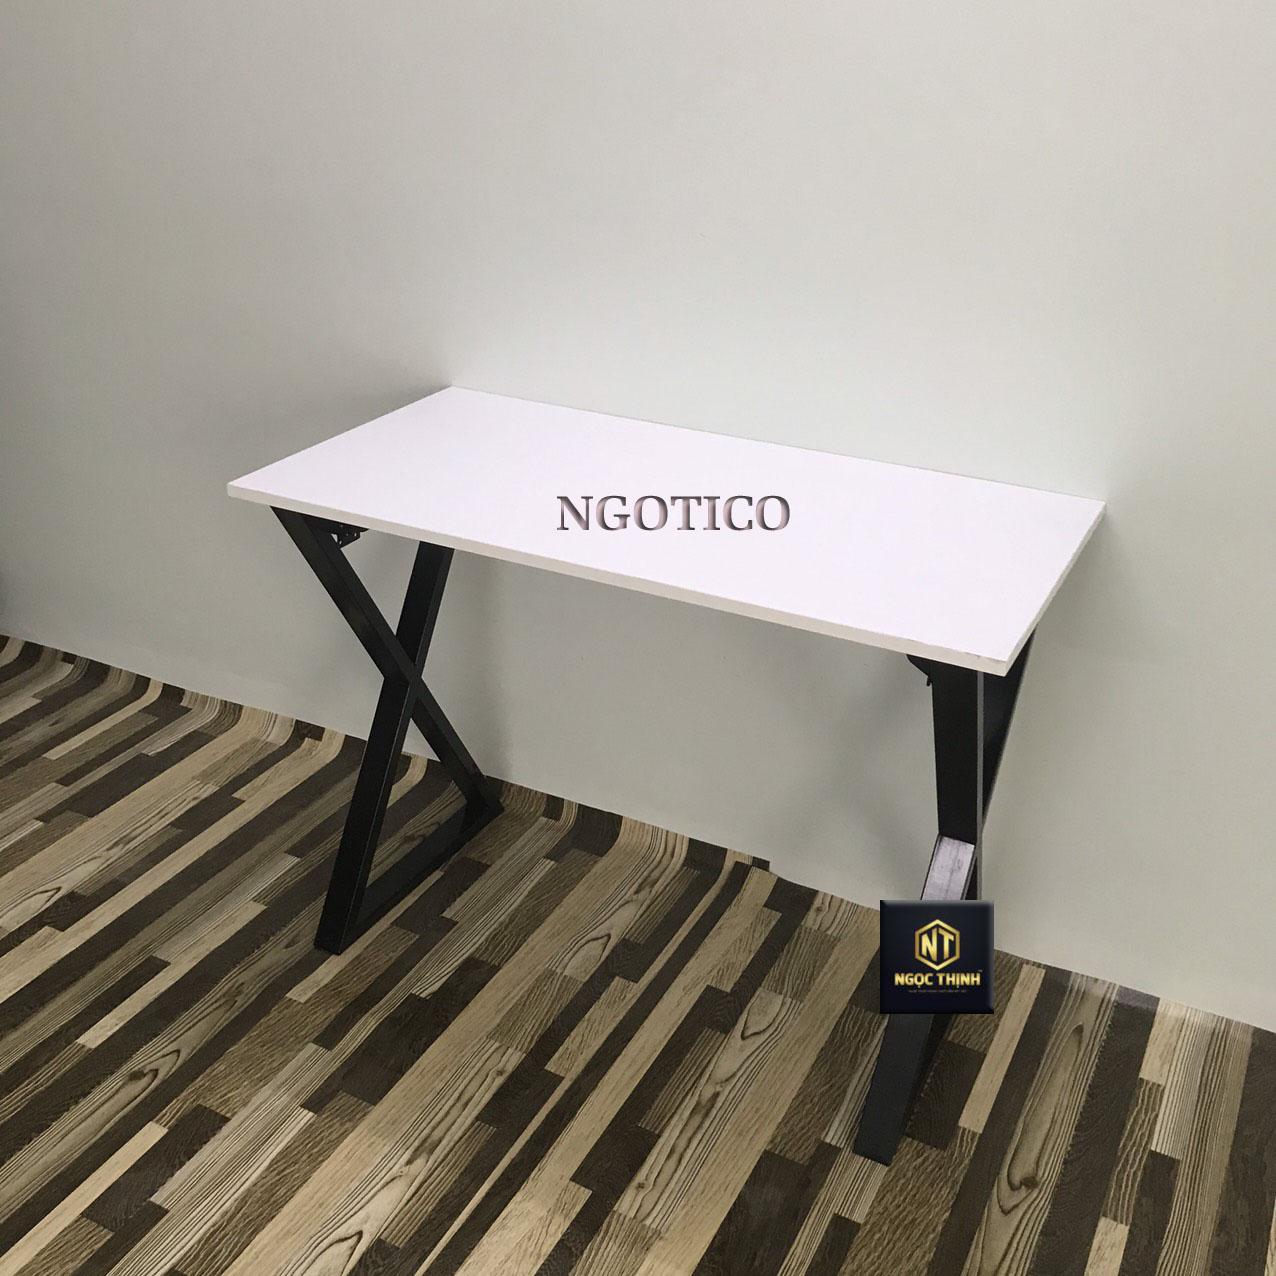 NgoTiCo Nội Thất Ngọc Thịnh, chuyên cung cấp bàn ghế quán ăn, bàn làm việc, bàn học sinh